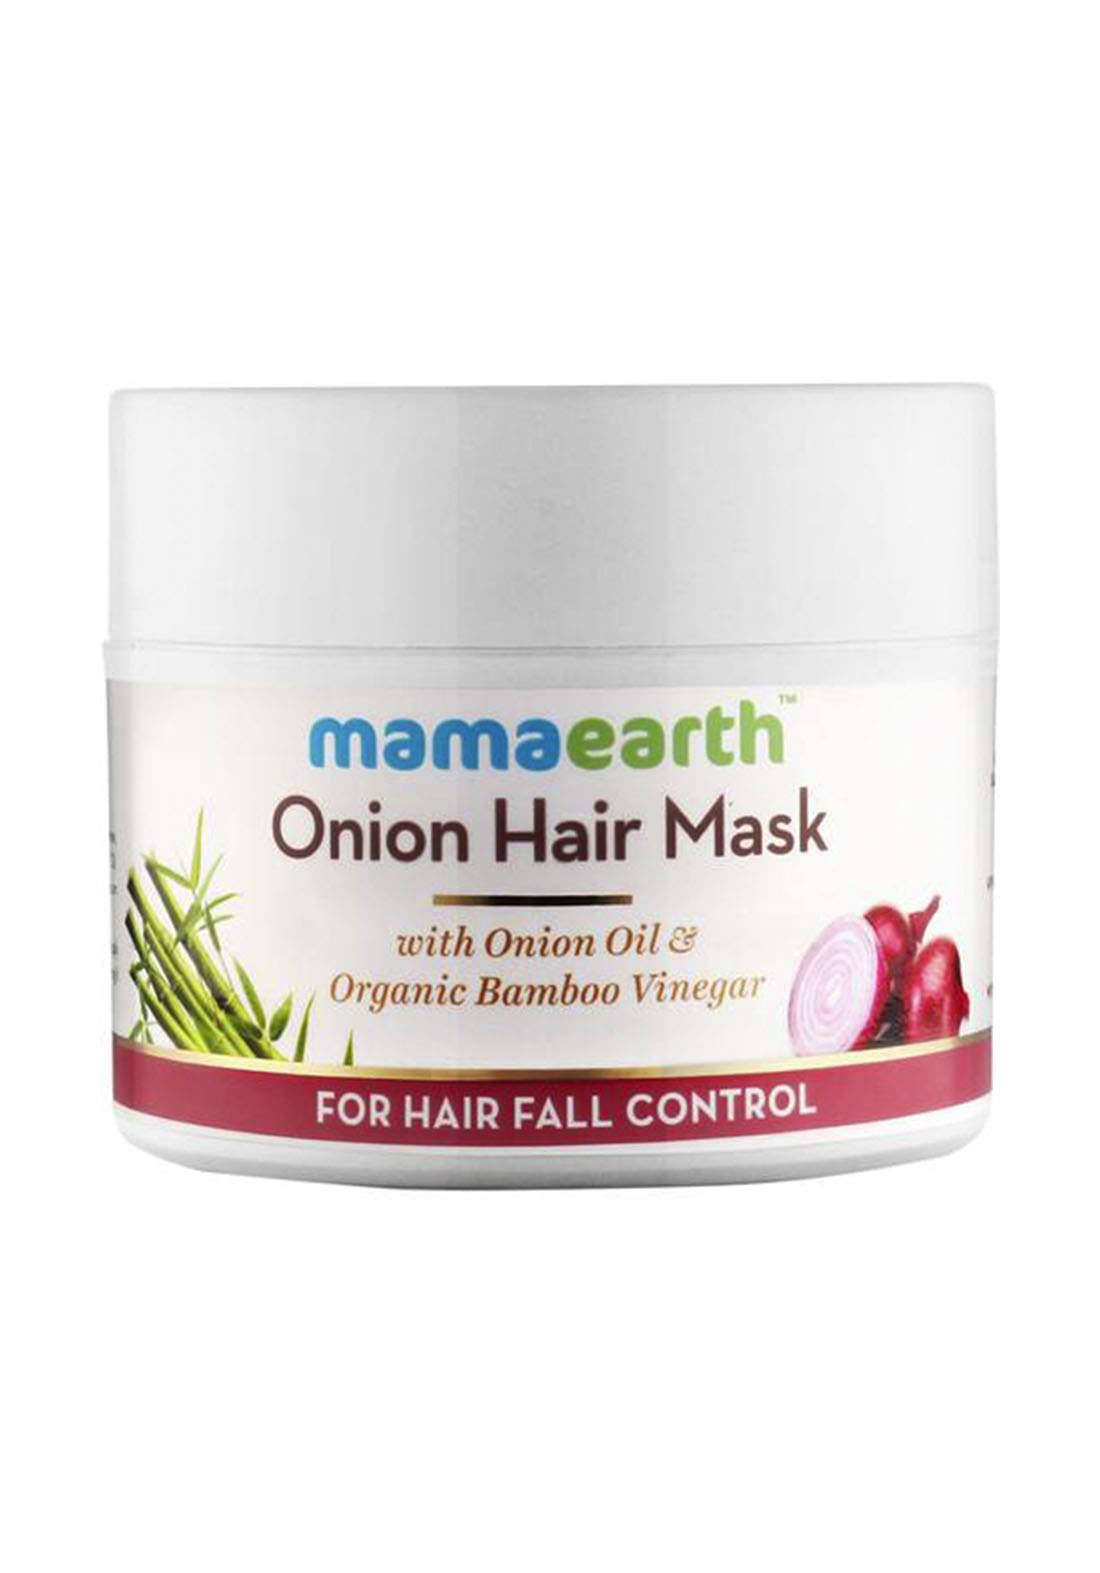 Mamaearth Onion Hair Mask For Dry & Frizzy Hair Controls Hairfall 200ml قناع للشعر